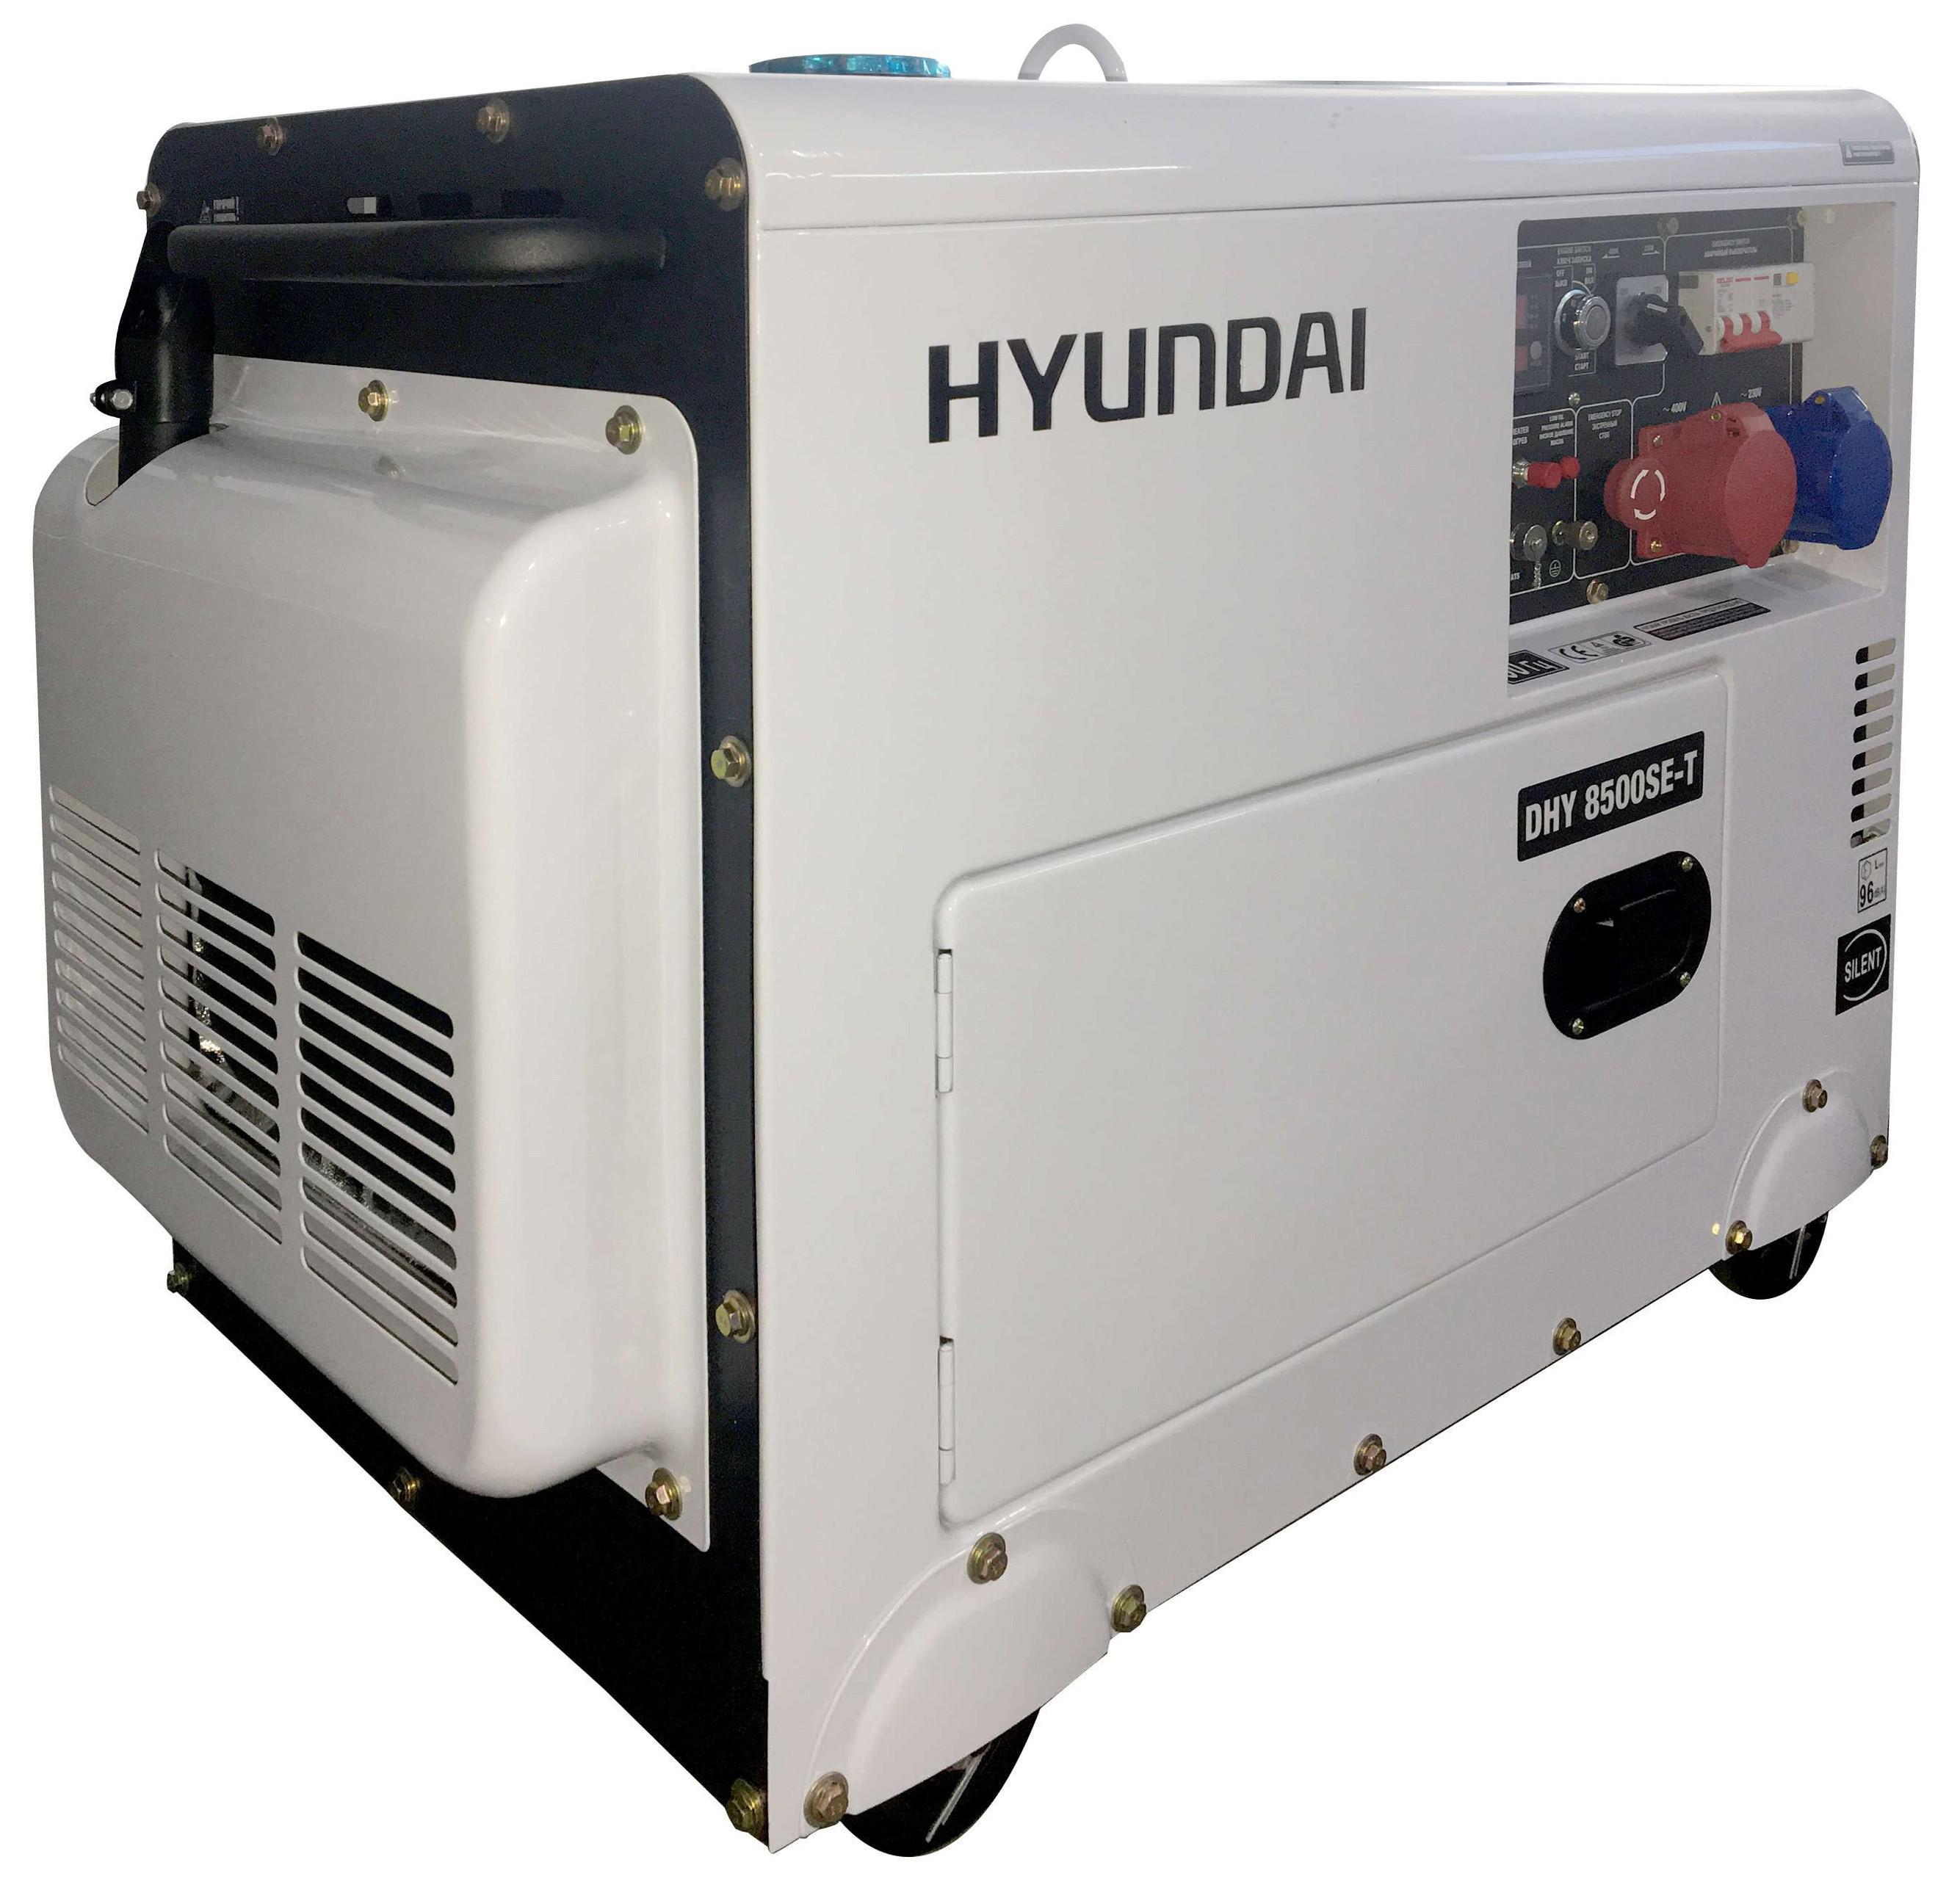 цены Дизельный генератор Hyundai Dhy 8500se-t